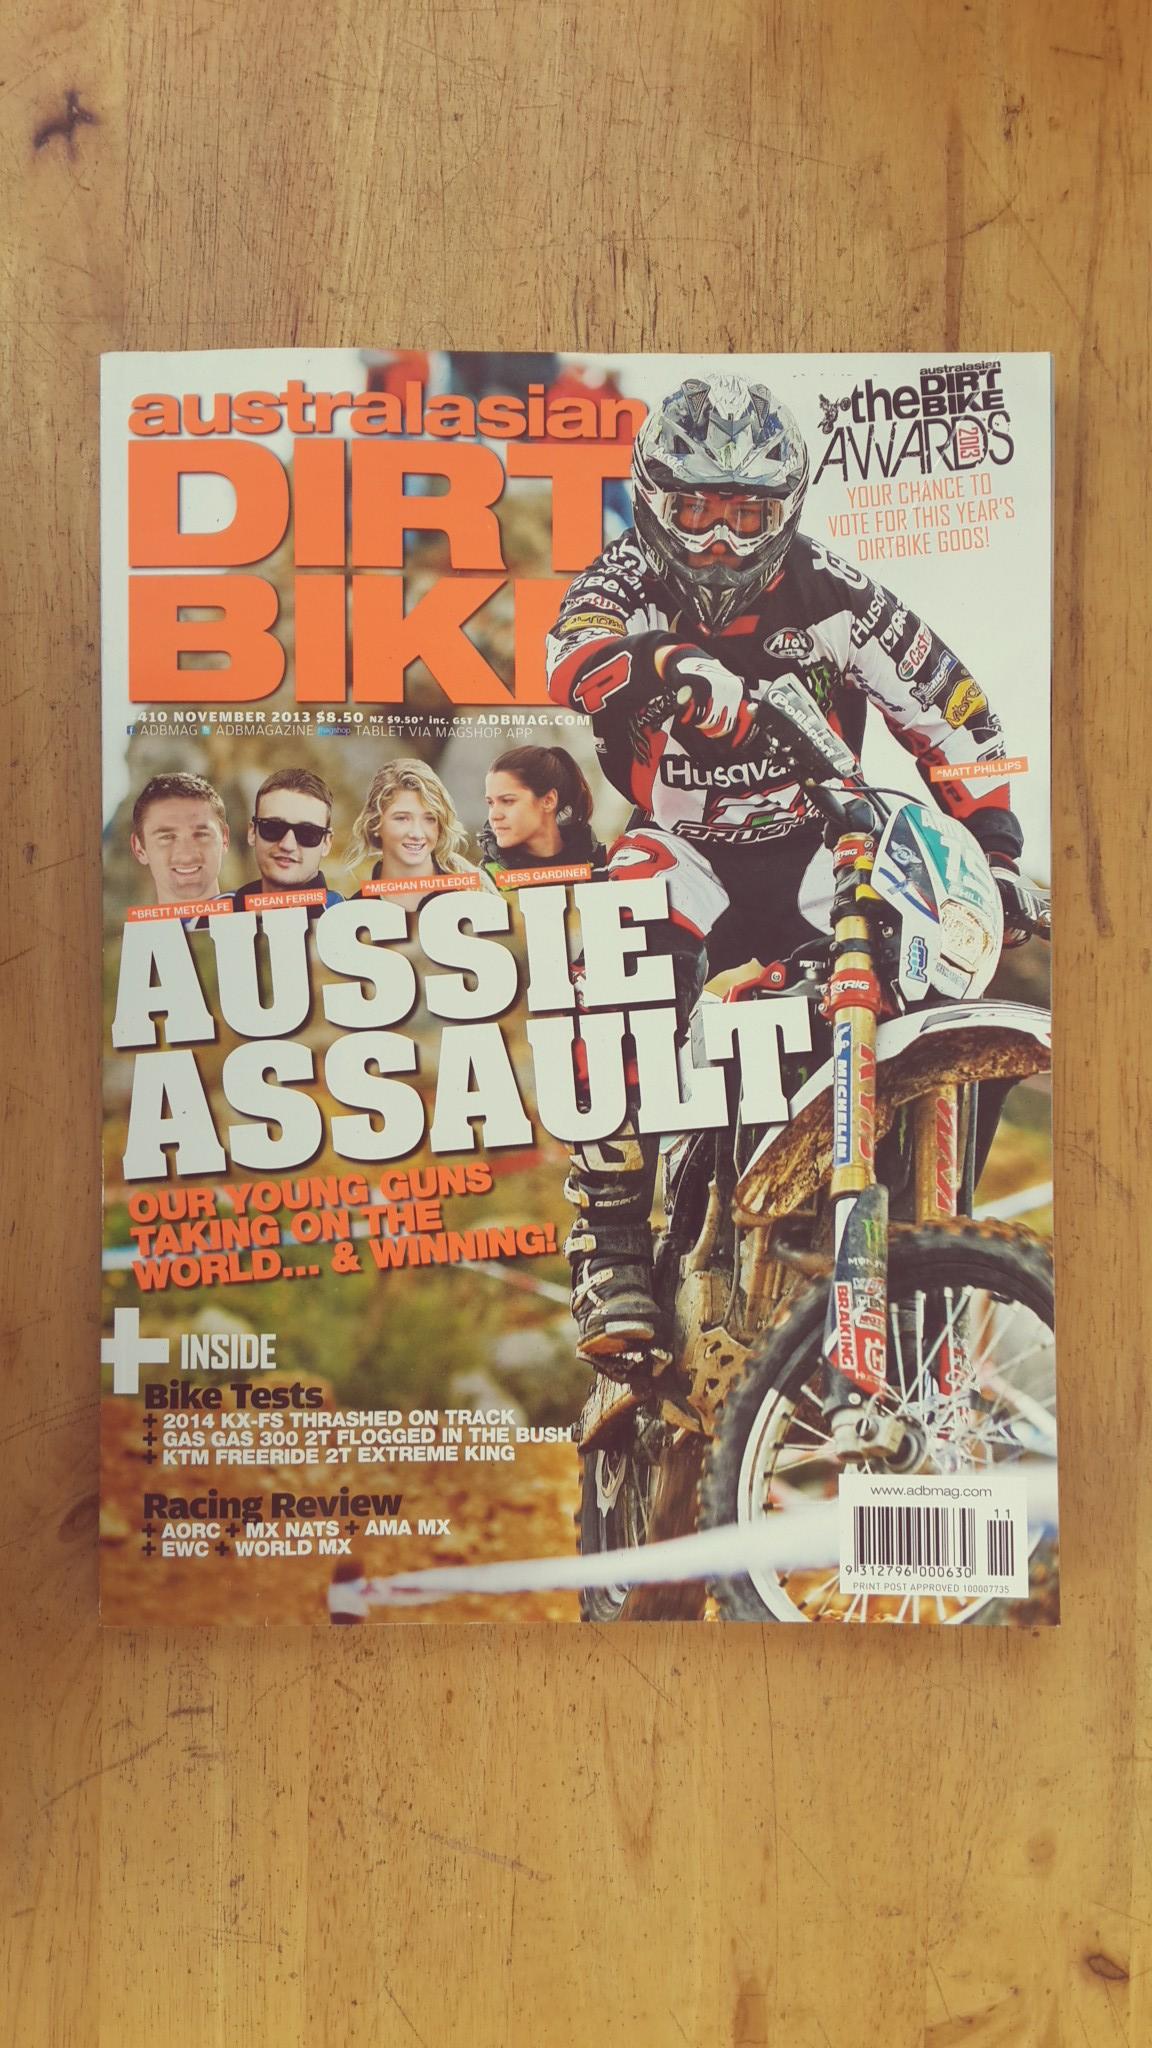 AUSTRALASIAN DIRT BIKE : ISSUE #410 NOVEMBER 2013